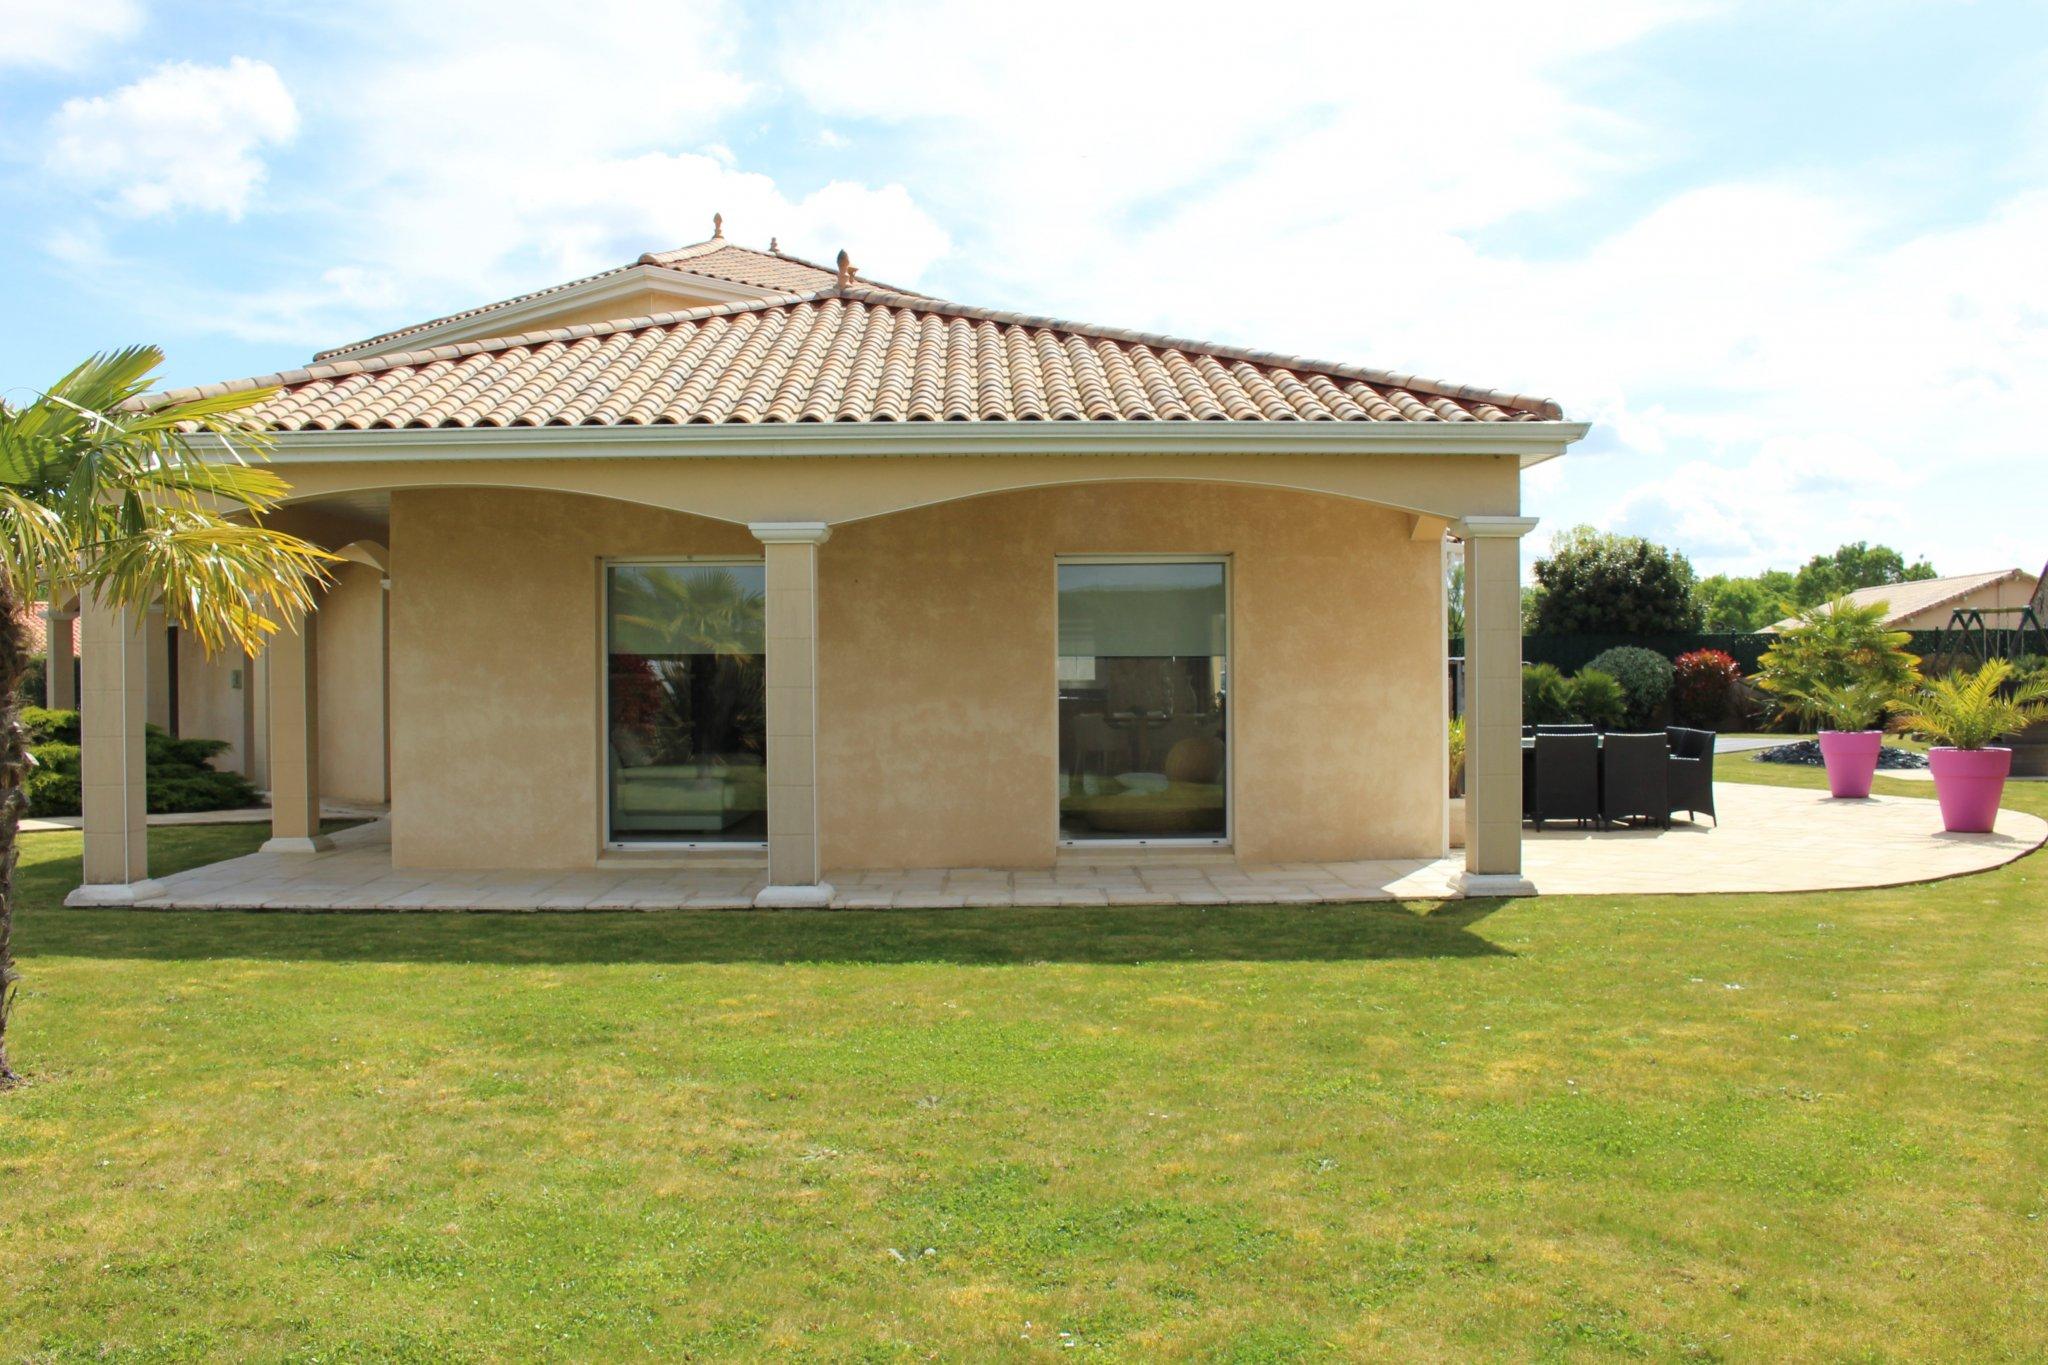 Maison Moderne De 185M² Habitable Avec Piscine pour Piscine Le Loroux Bottereau